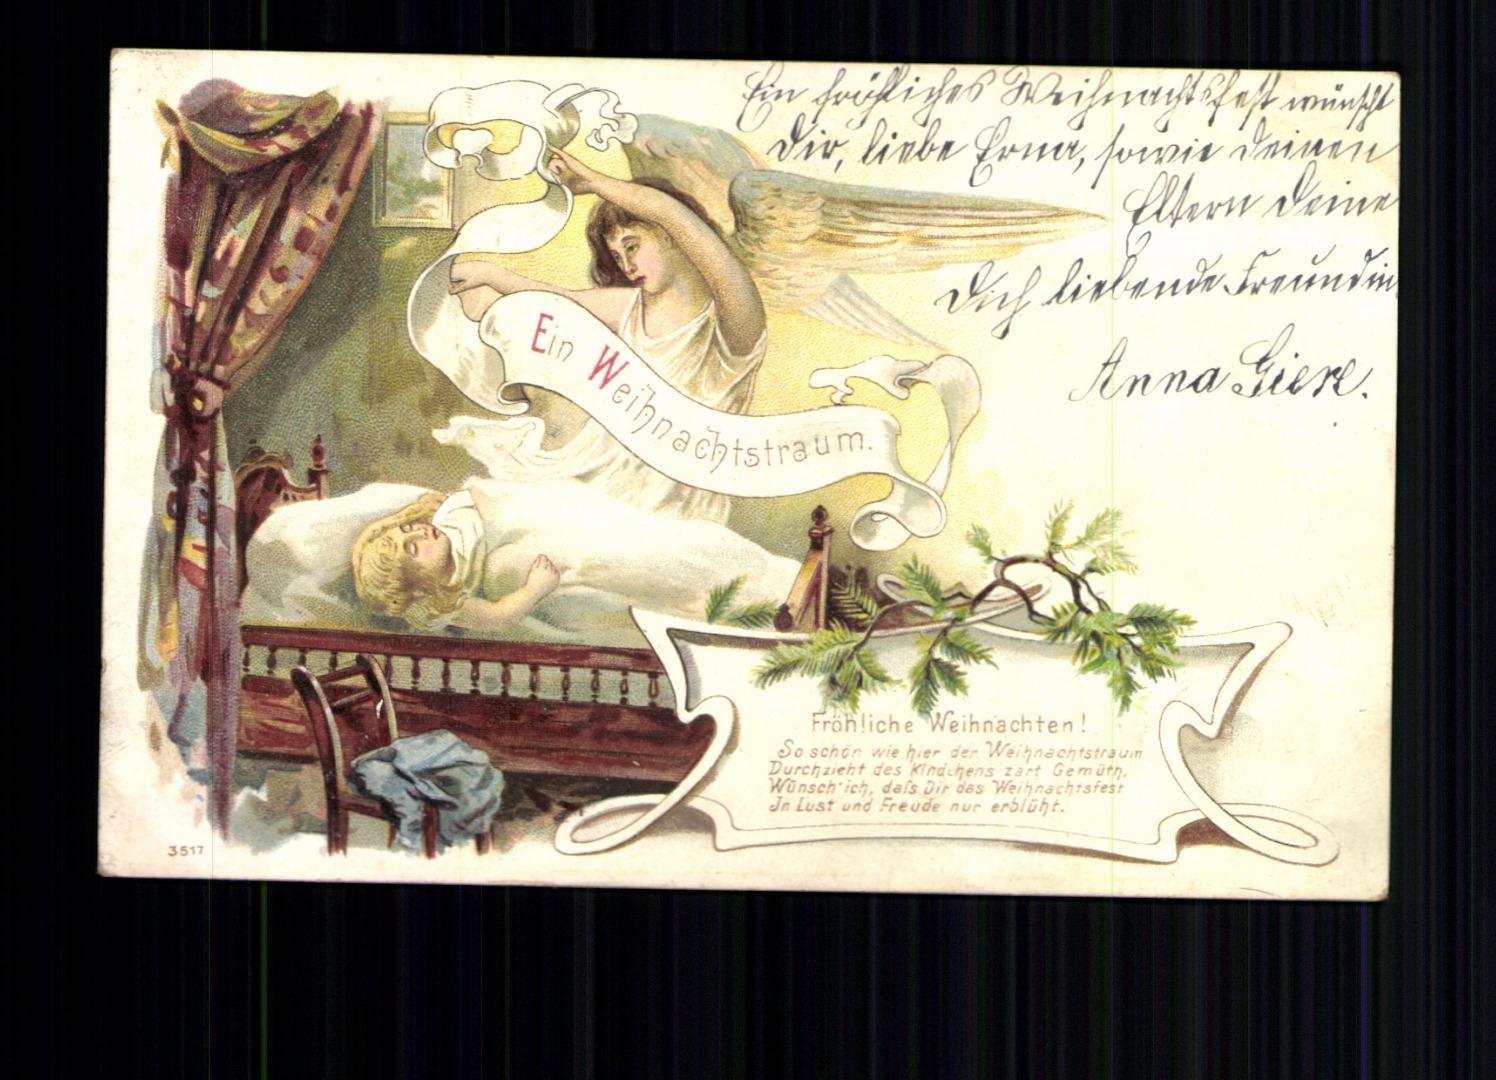 Ein Weihnachtstraum, fröhliche Weihnachten, Karte mit Vers ...